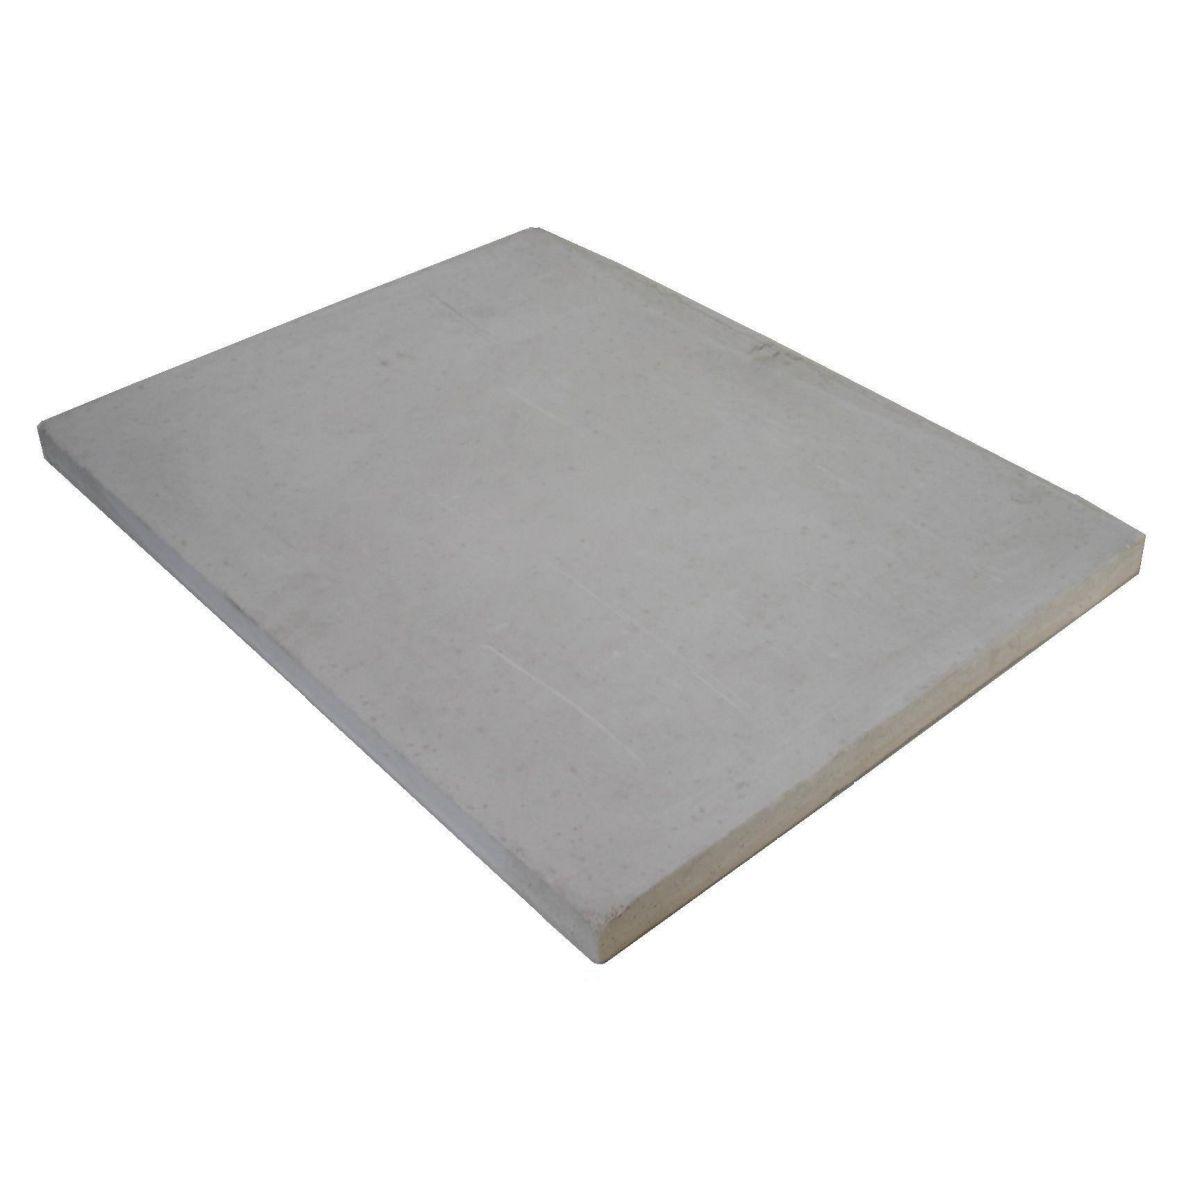 Base Refratária para Forno 550 x 550 x 30 mm